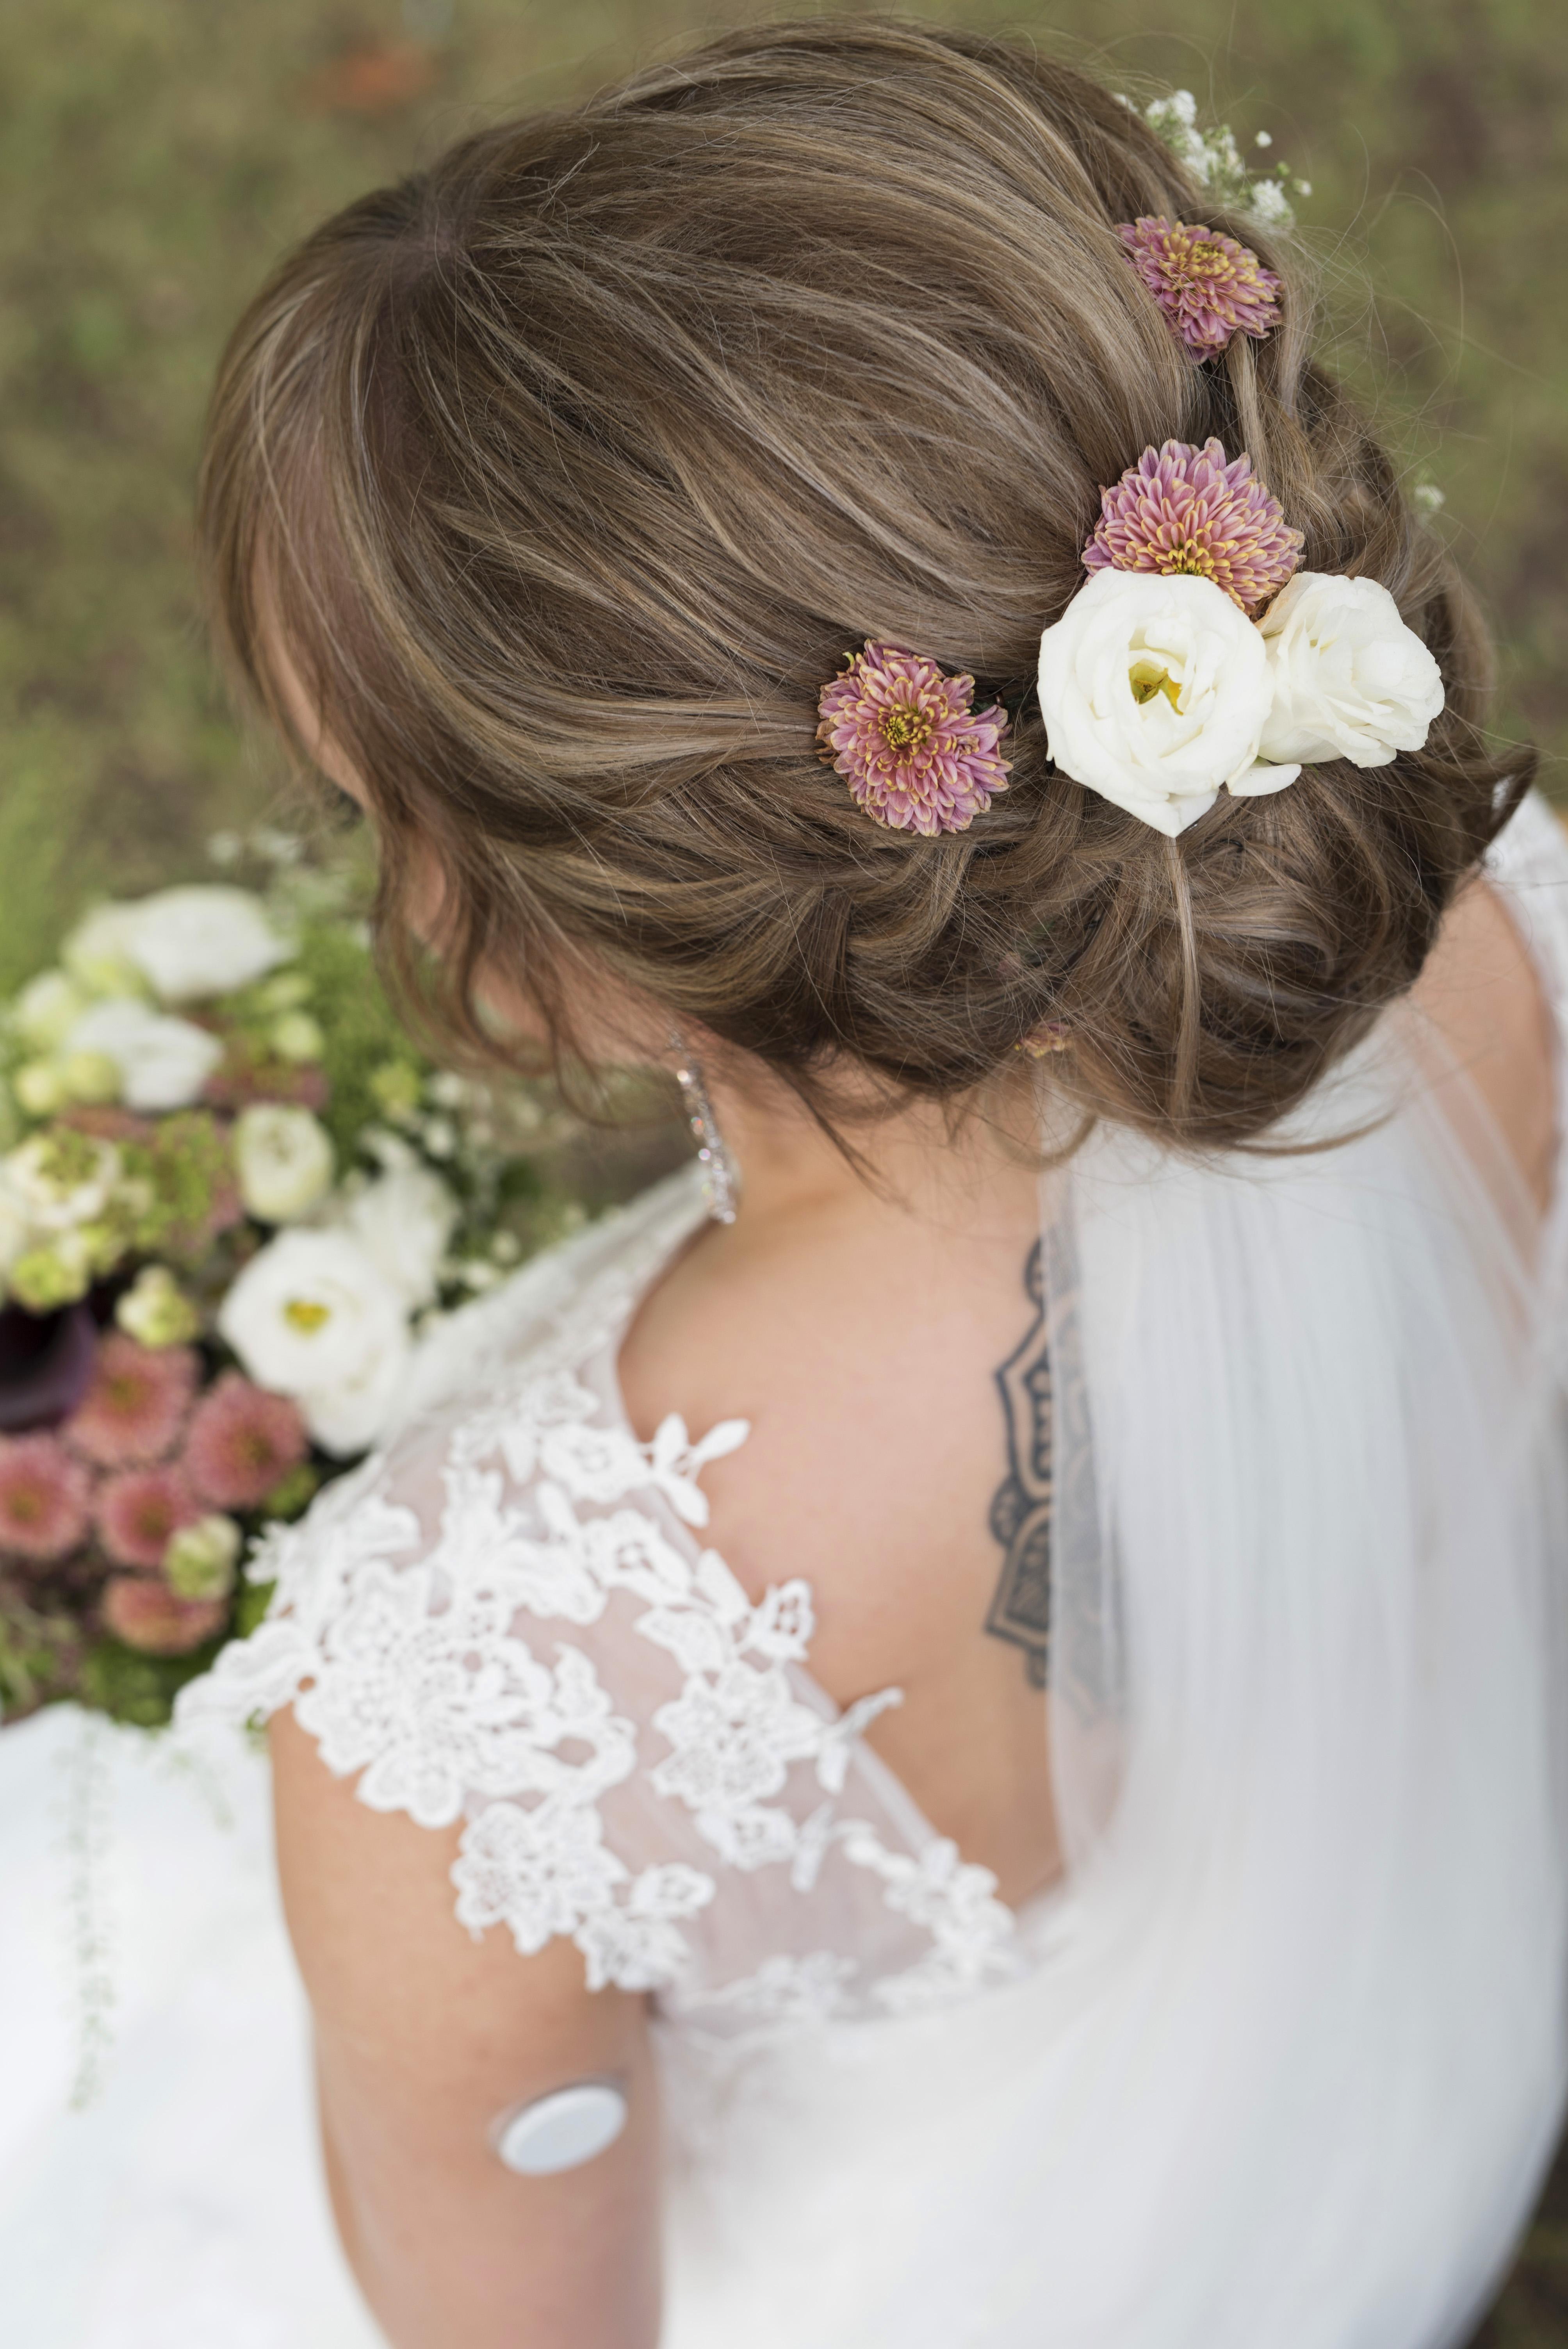 Snygg bruduppsättning med blommor